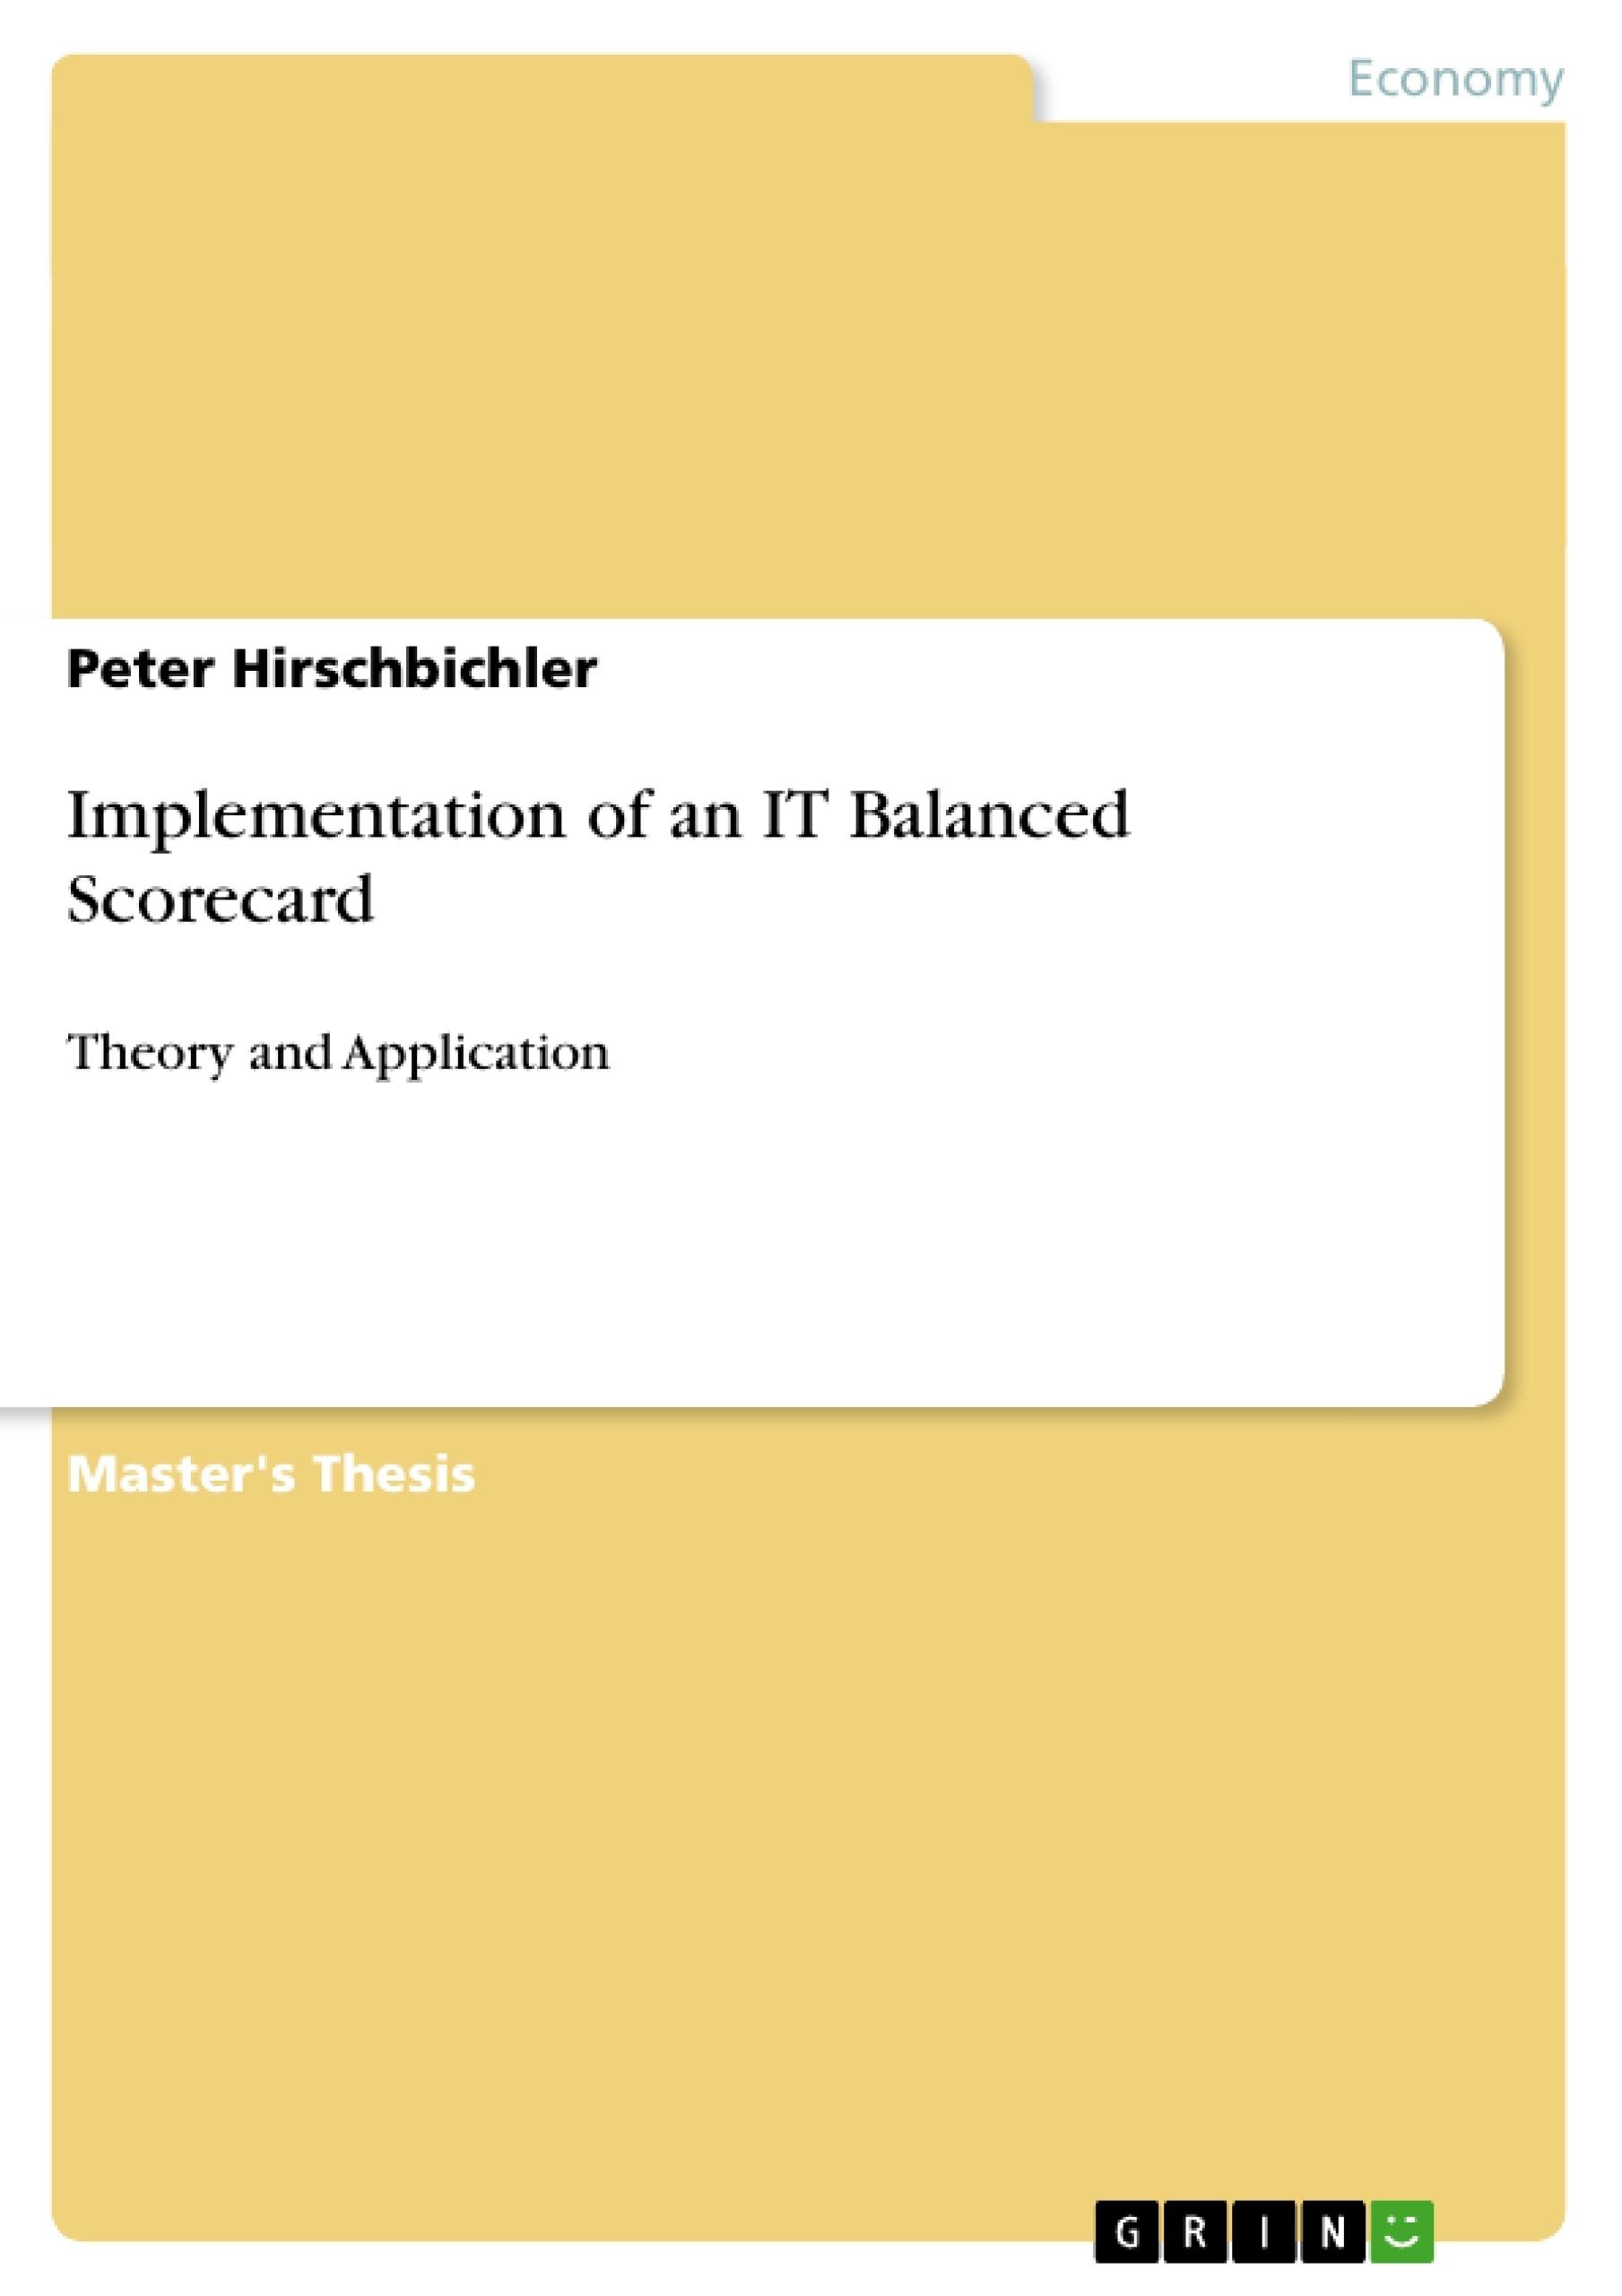 Undergraduate dissertation published